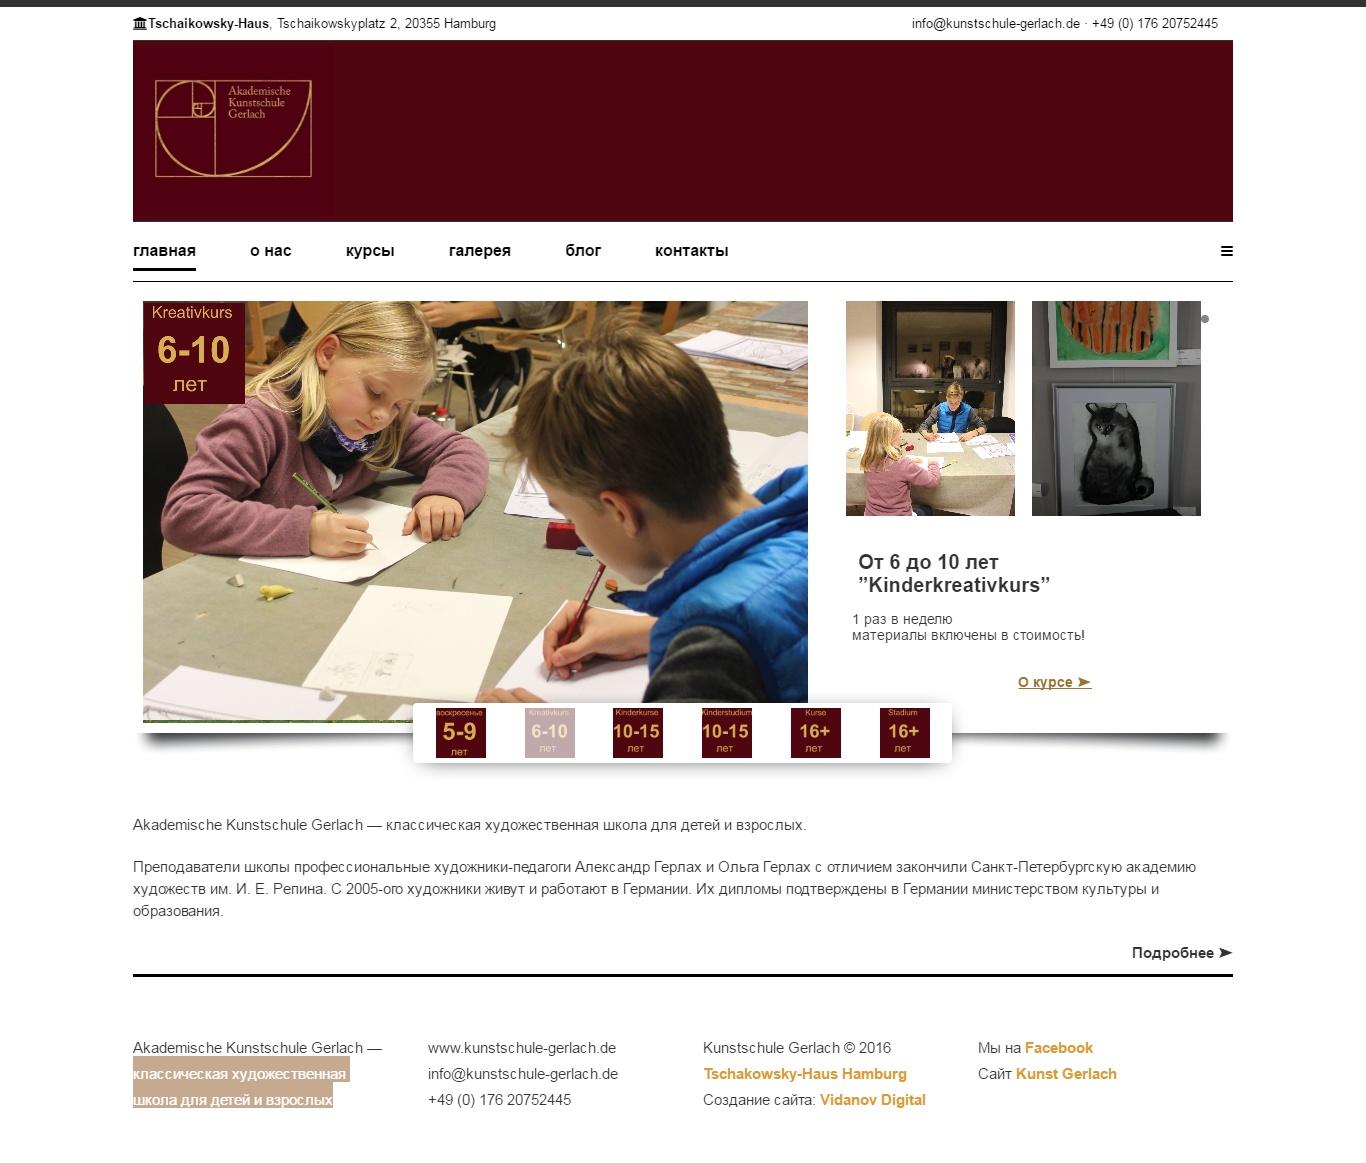 Классическая художественная школа для детей и взрослых